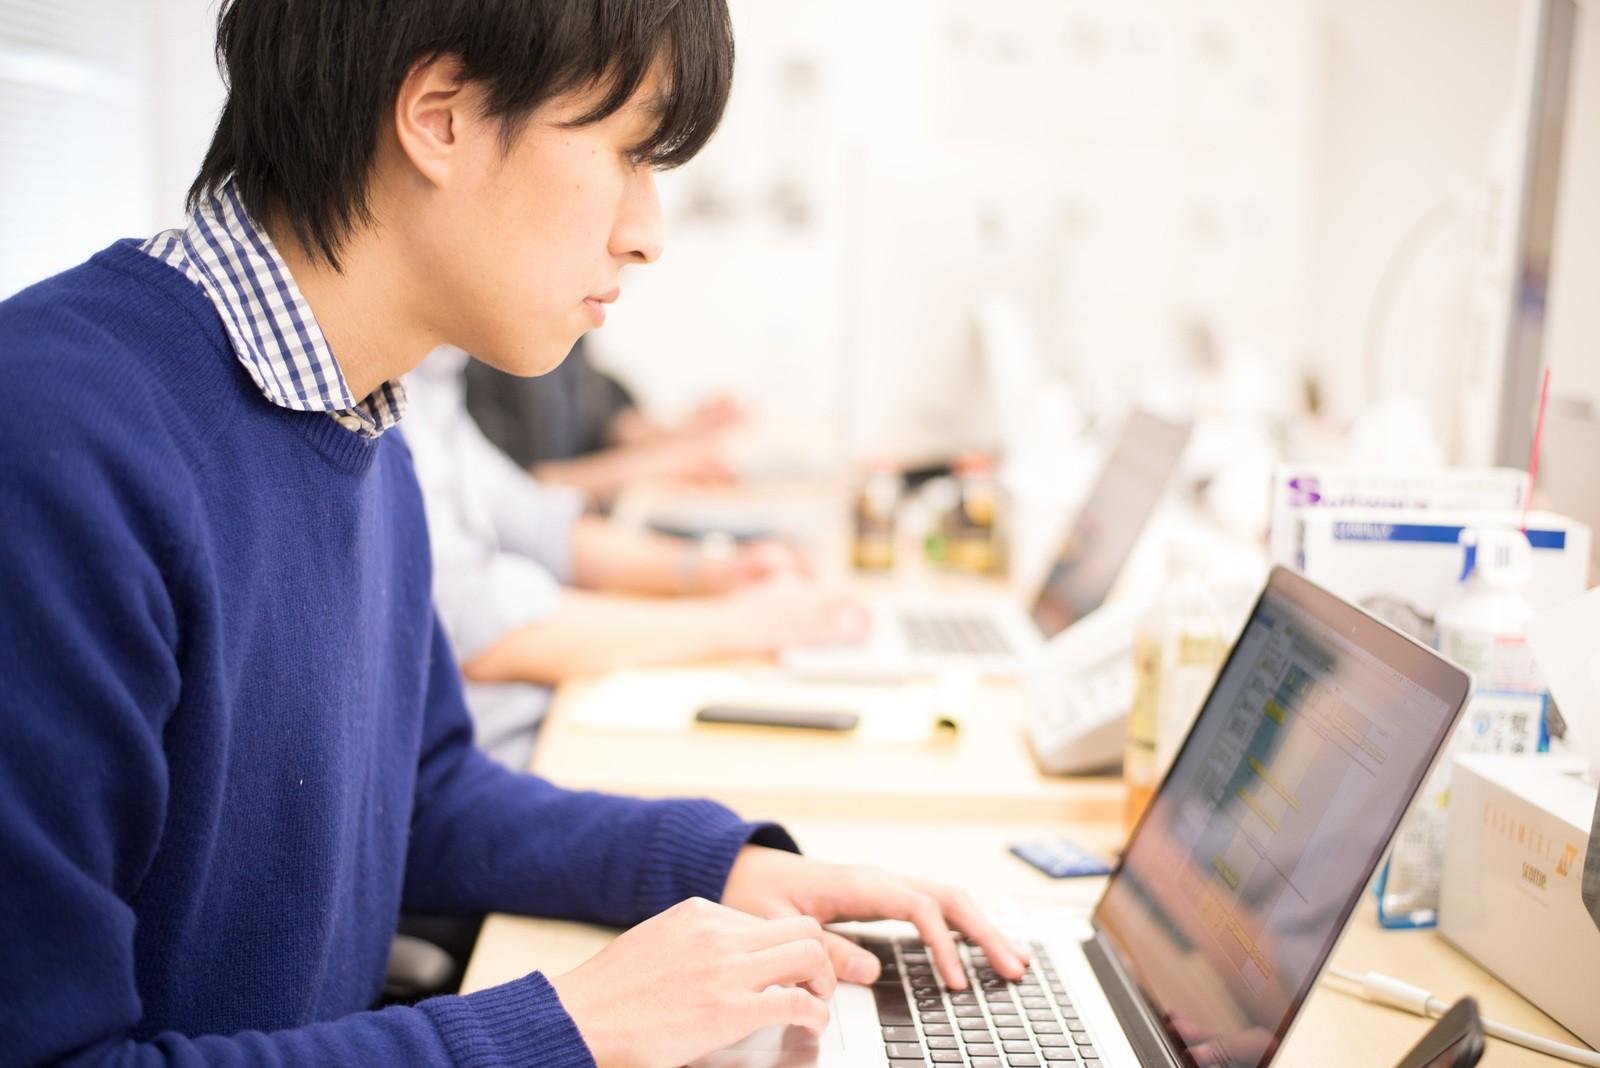 """【vue.js / Nuxt.js】テクノロジーで""""女性のよりよく生きる""""を支える!しゅふ向け求人サイト「しゅふJOB」を開発するフロントエンドエンジニアを募集!"""